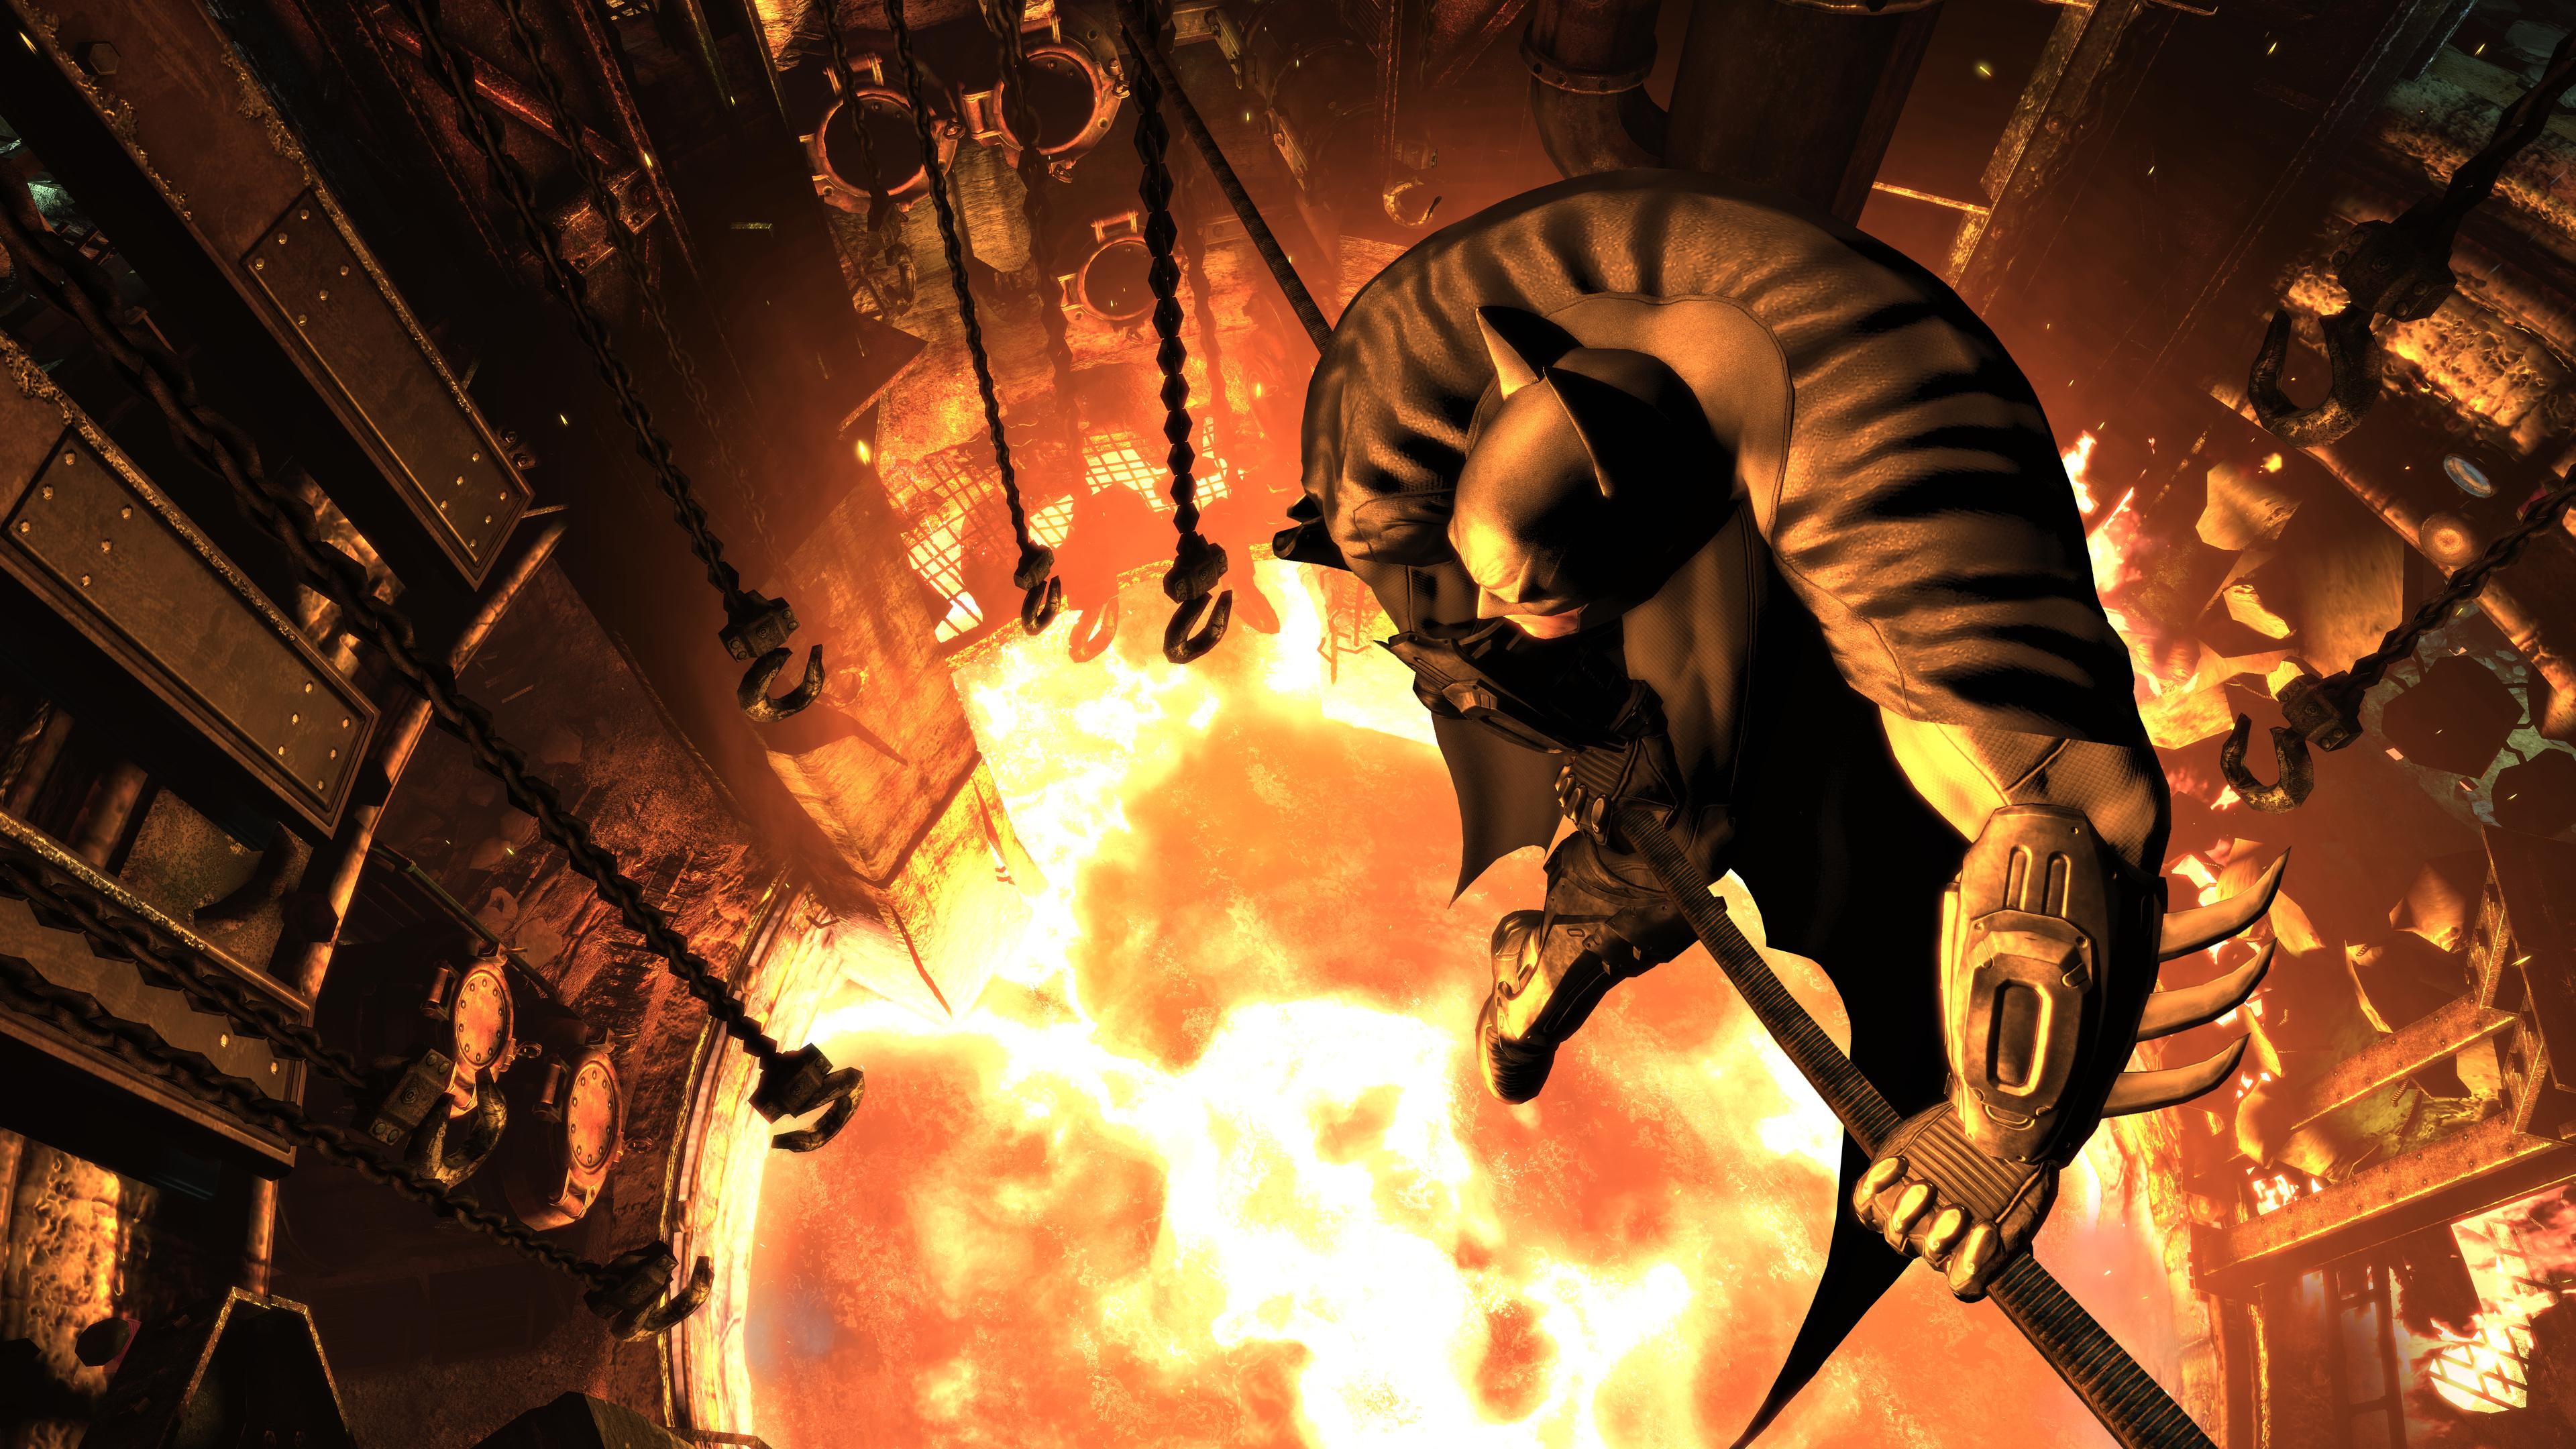 batman arkham city game 4k 1553074786 - Batman Arkham City Game 4k - hd-wallpapers, games wallpapers, batman wallpapers, batman arkham knight wallpapers, 5k wallpapers, 4k-wallpapers